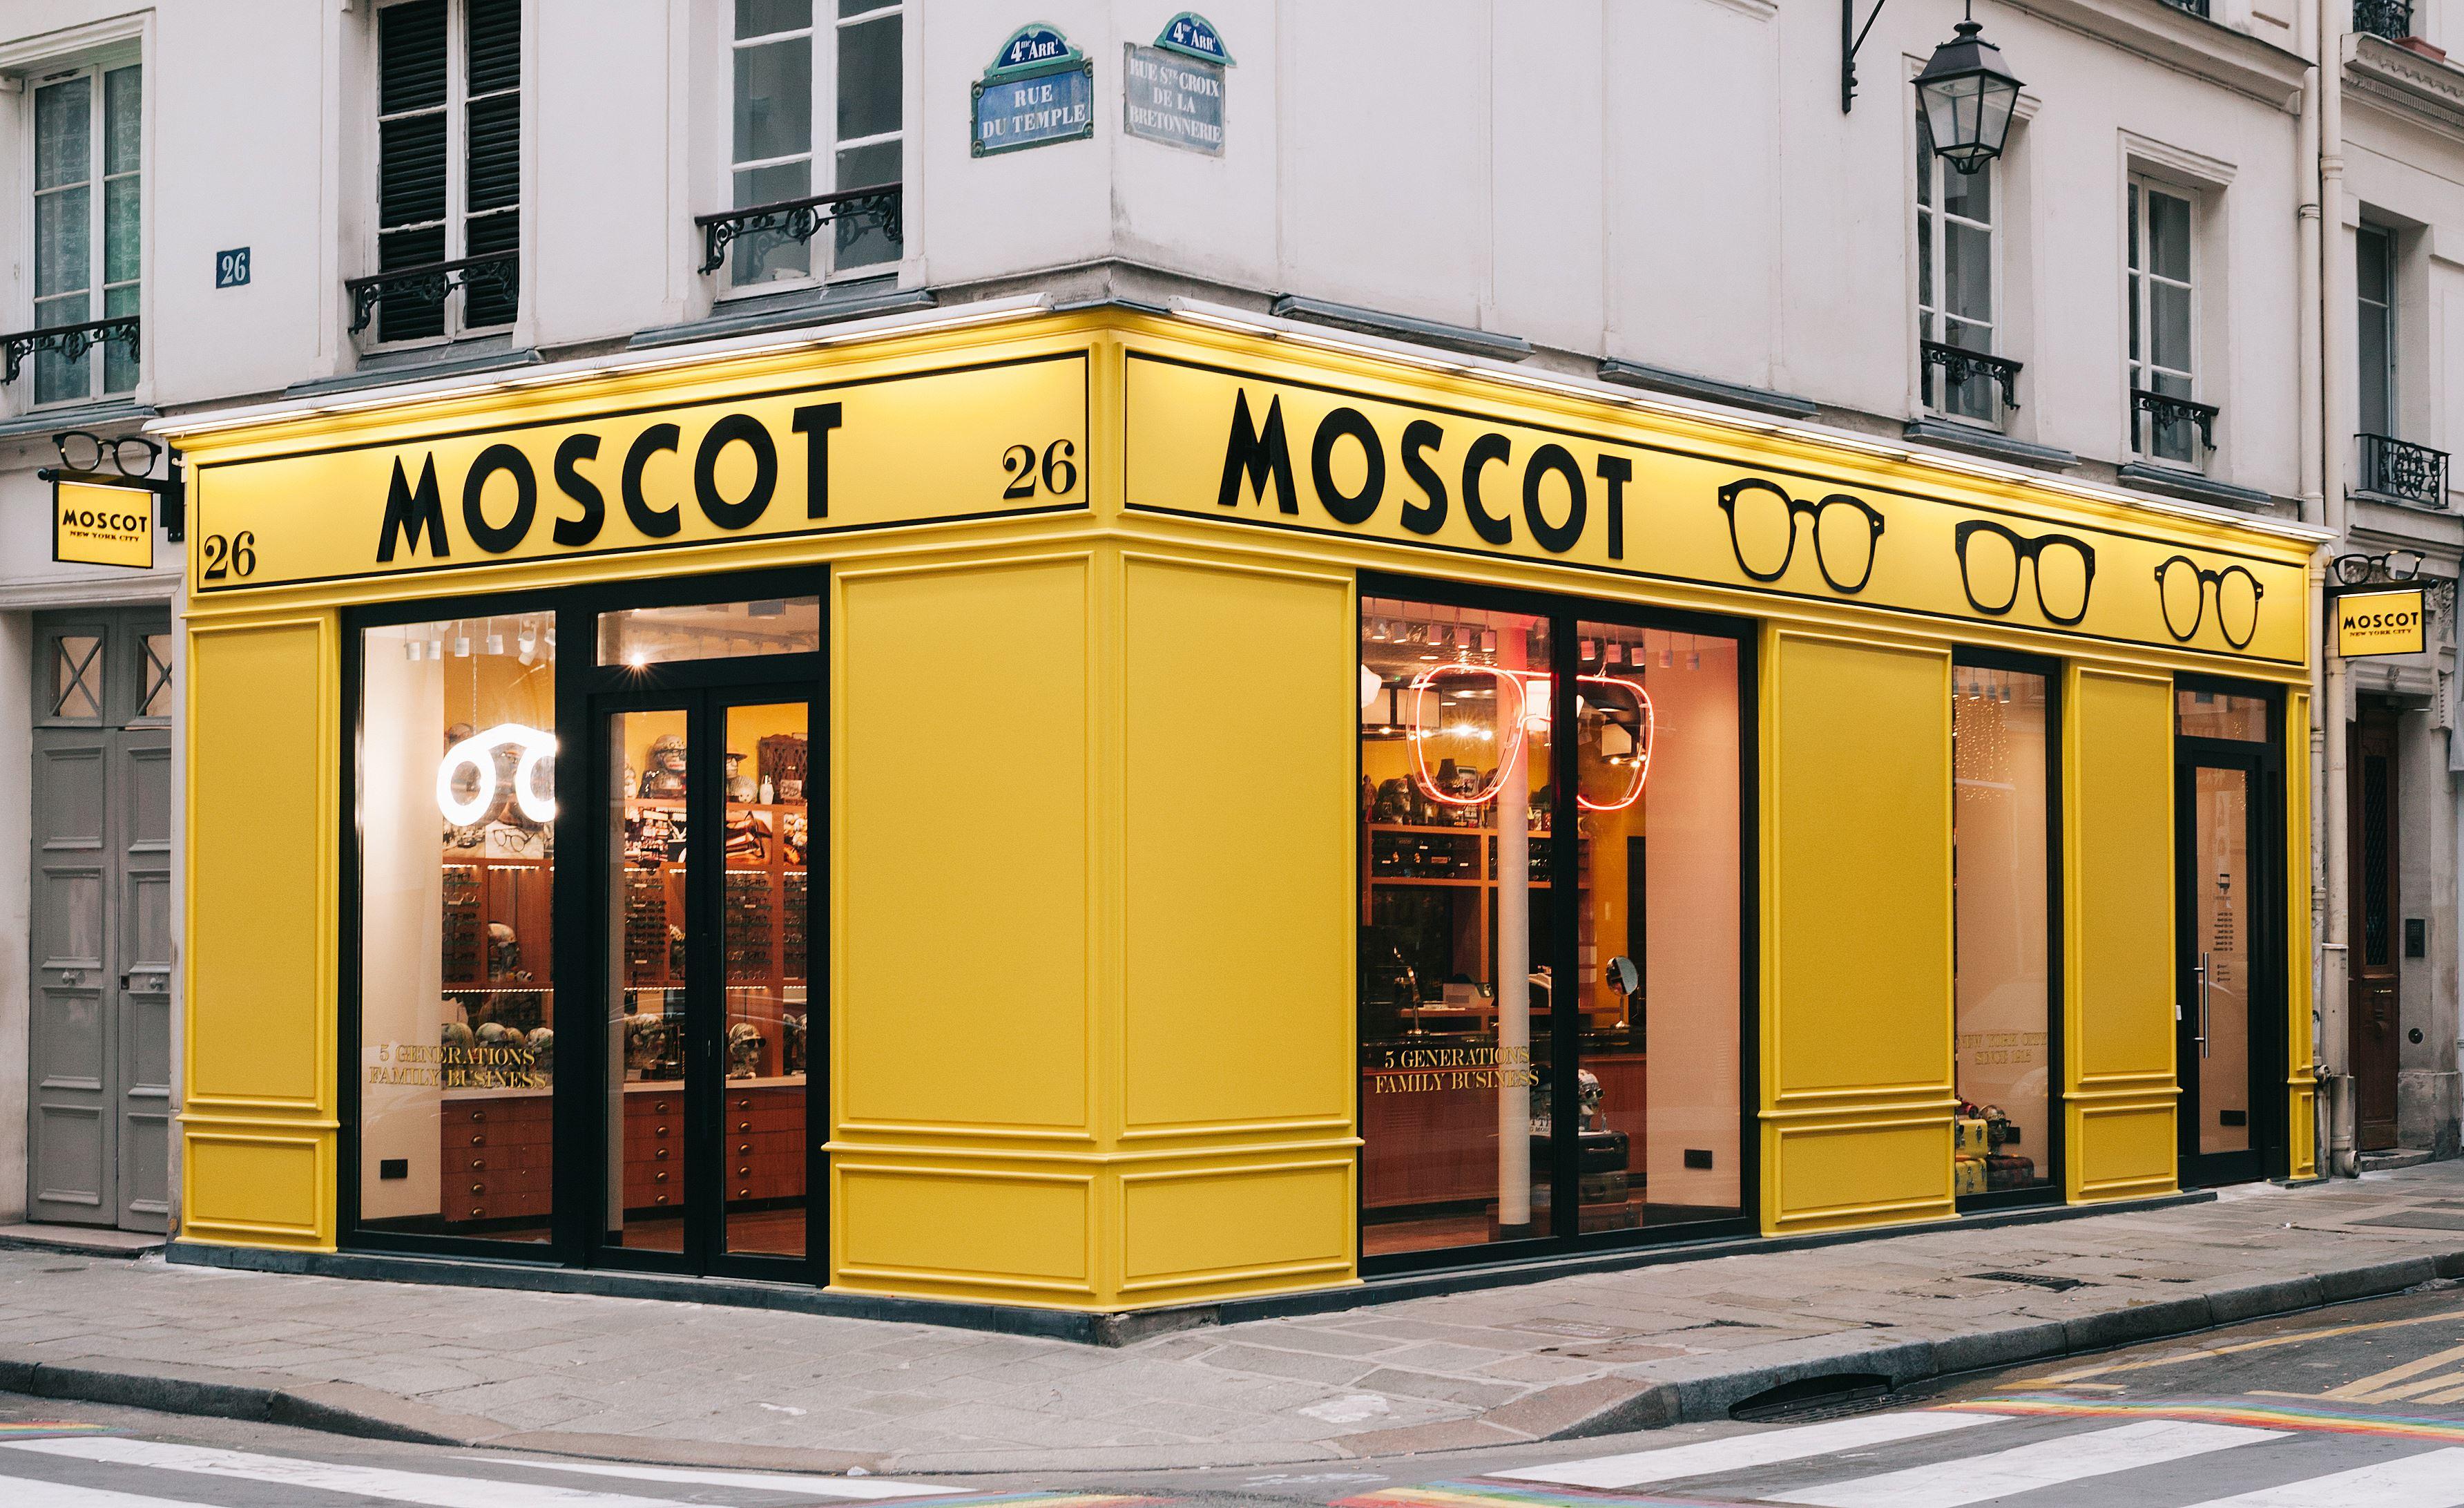 MOSCOT, l'iconico brand newyorkese di eyewear apre il suo primo flagship store a Parigi